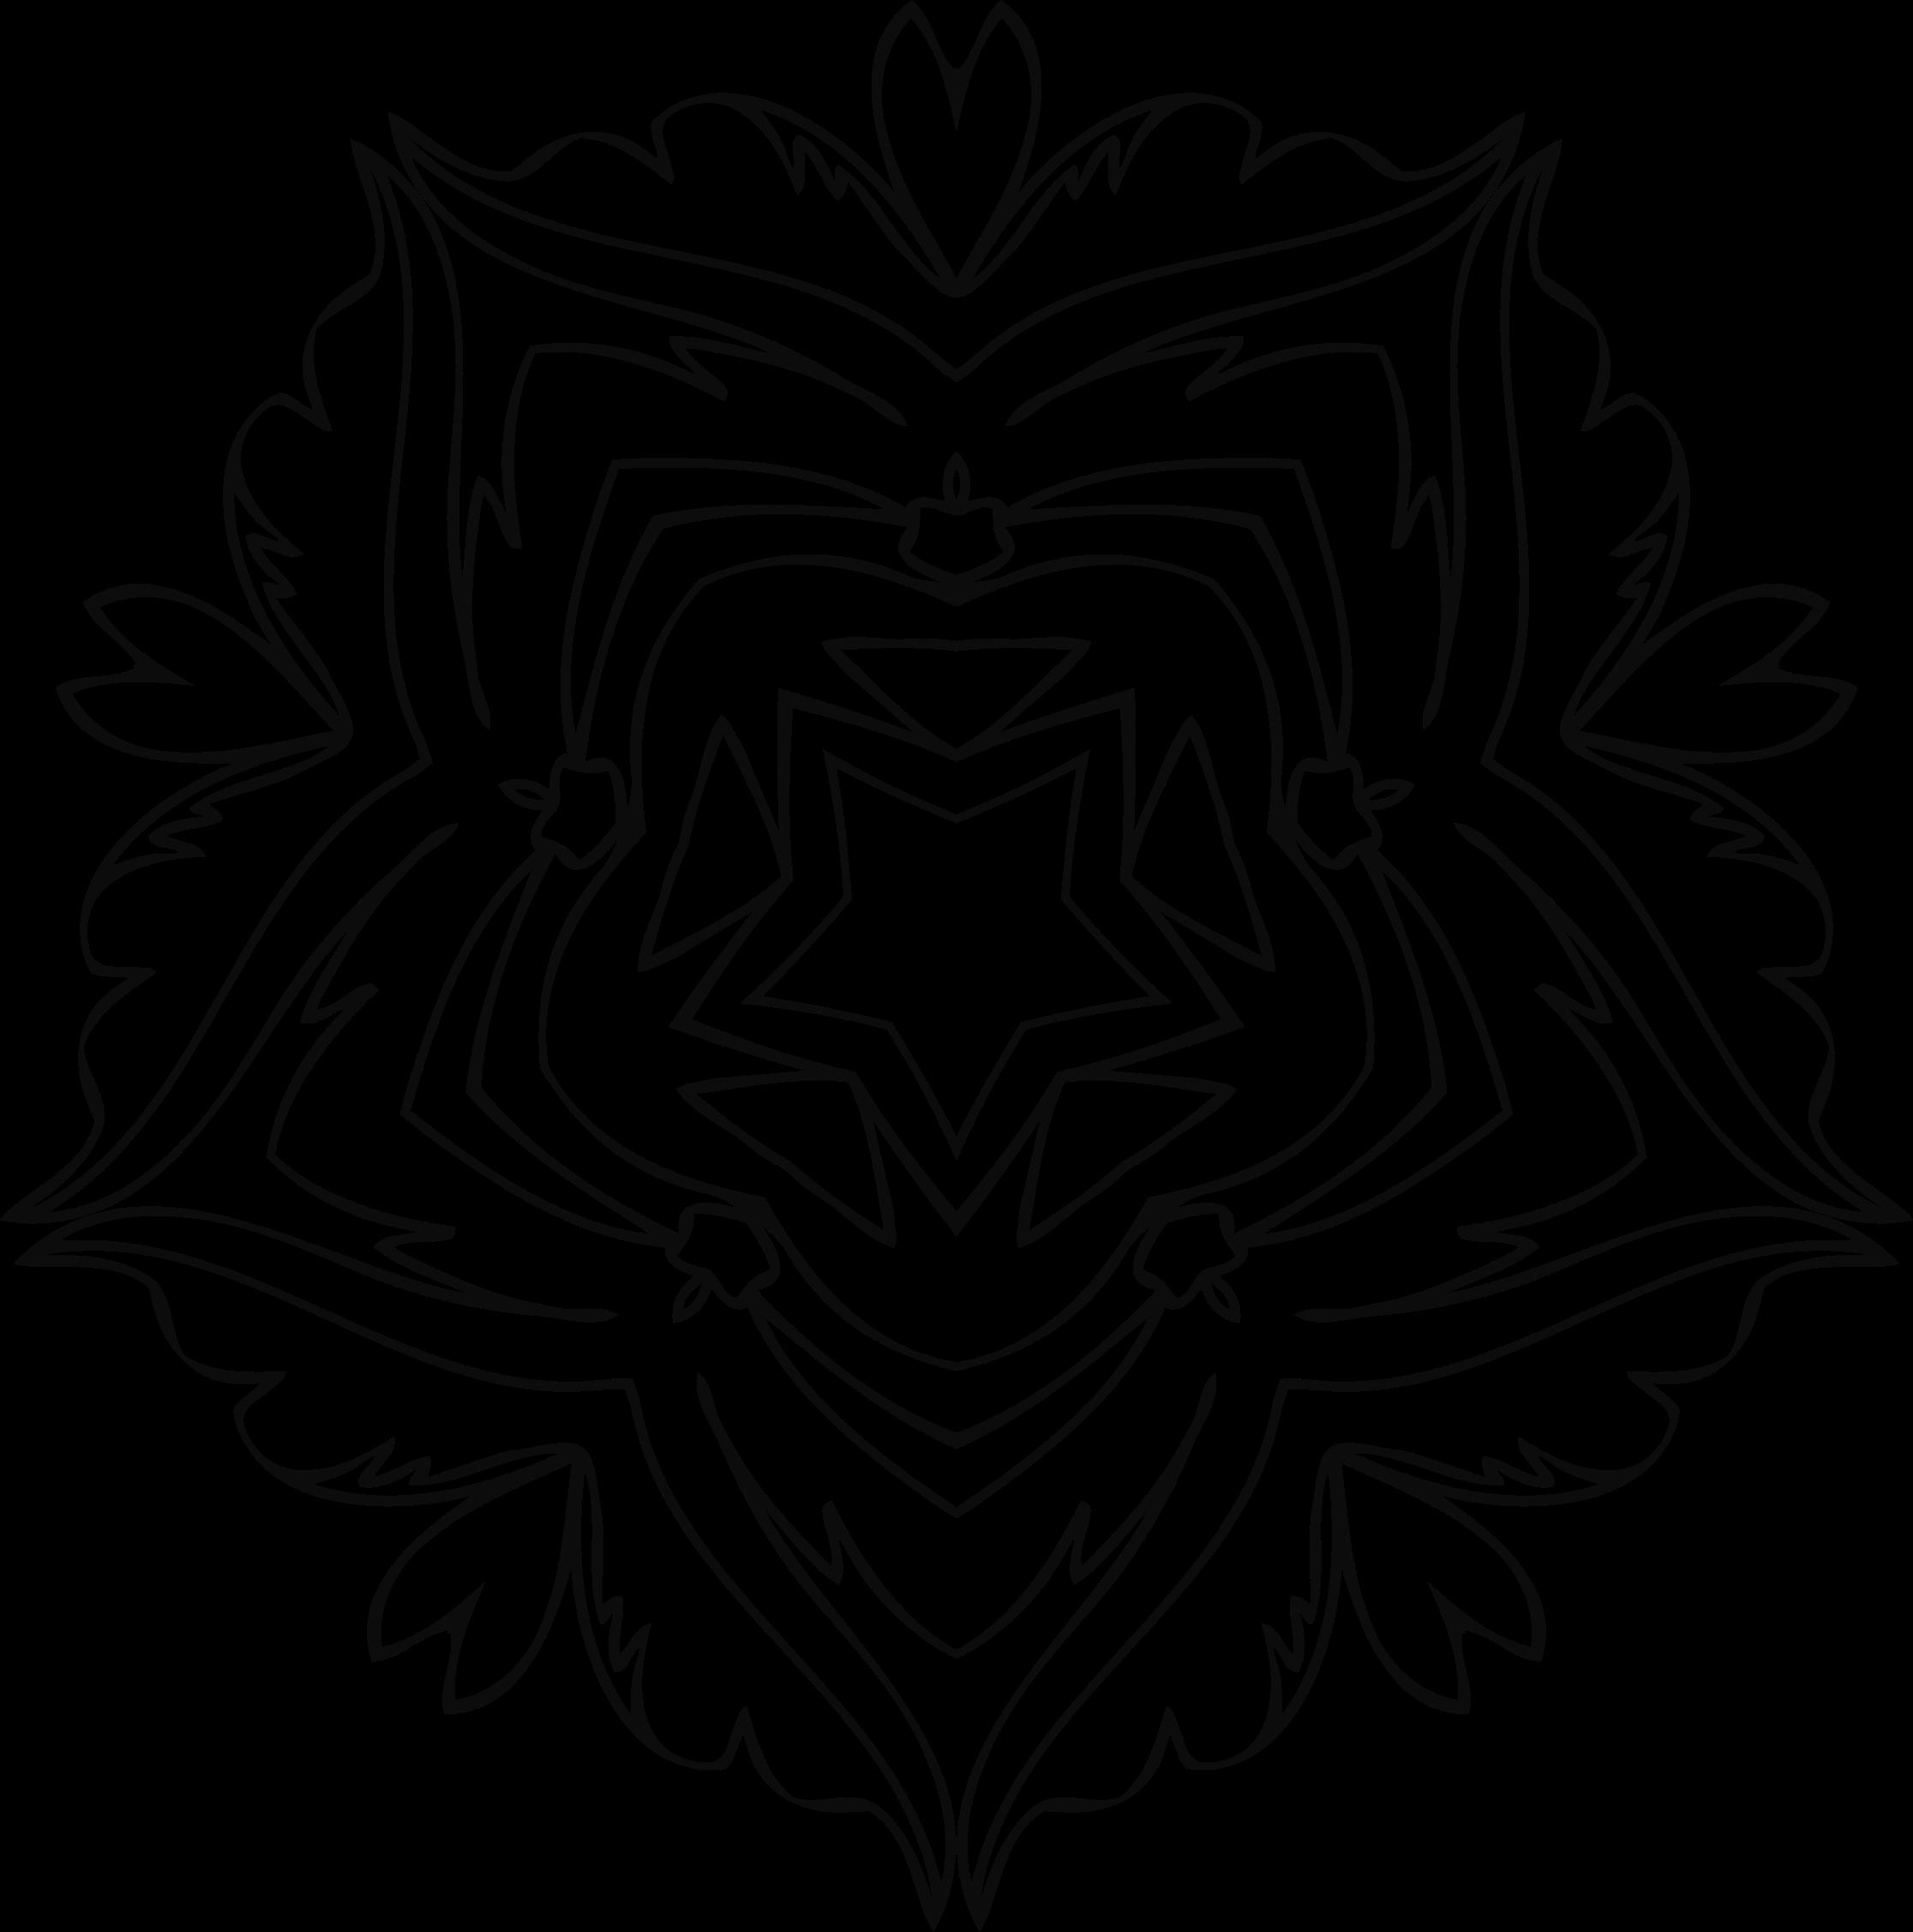 Flower line clipart transparent stock Clipart - Flower Line Art 2 transparent stock